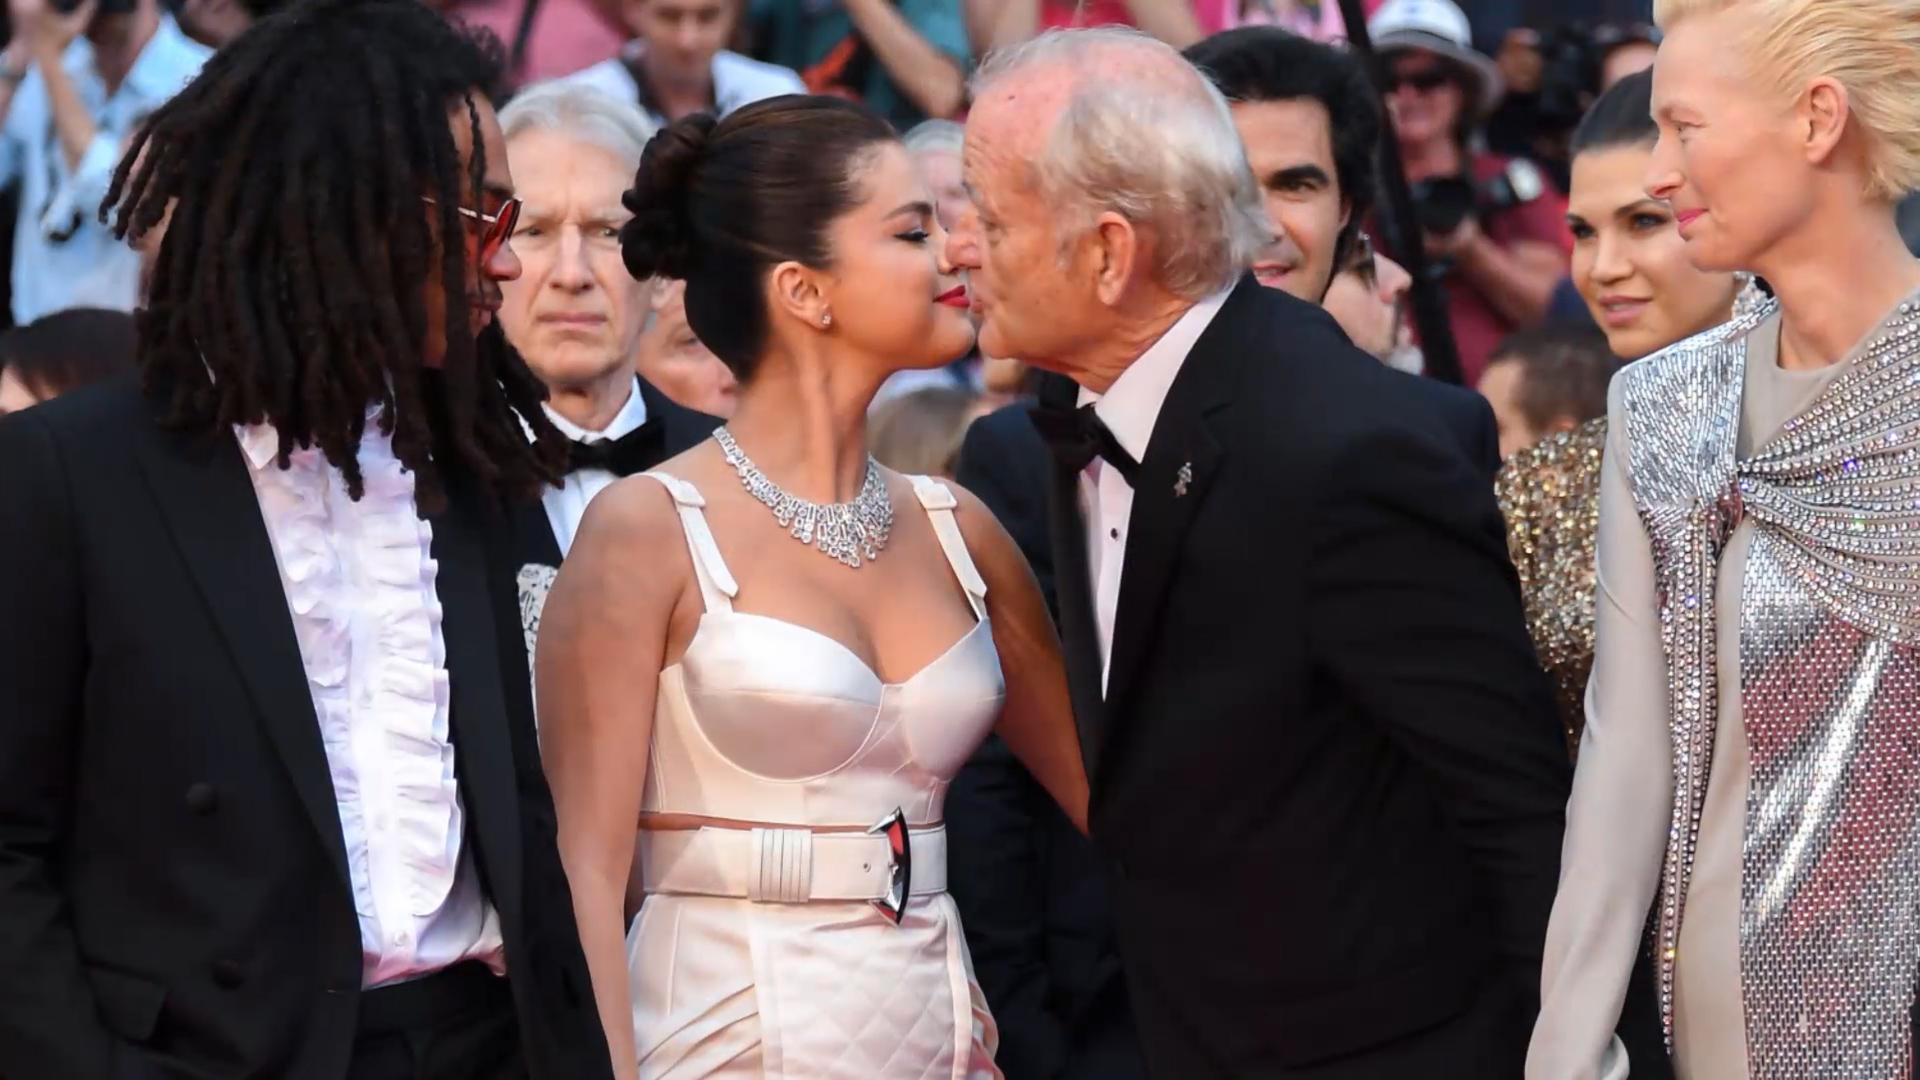 Cannes 2019: Bella Hadid is sheer elegance at 'Rocketman' premiere